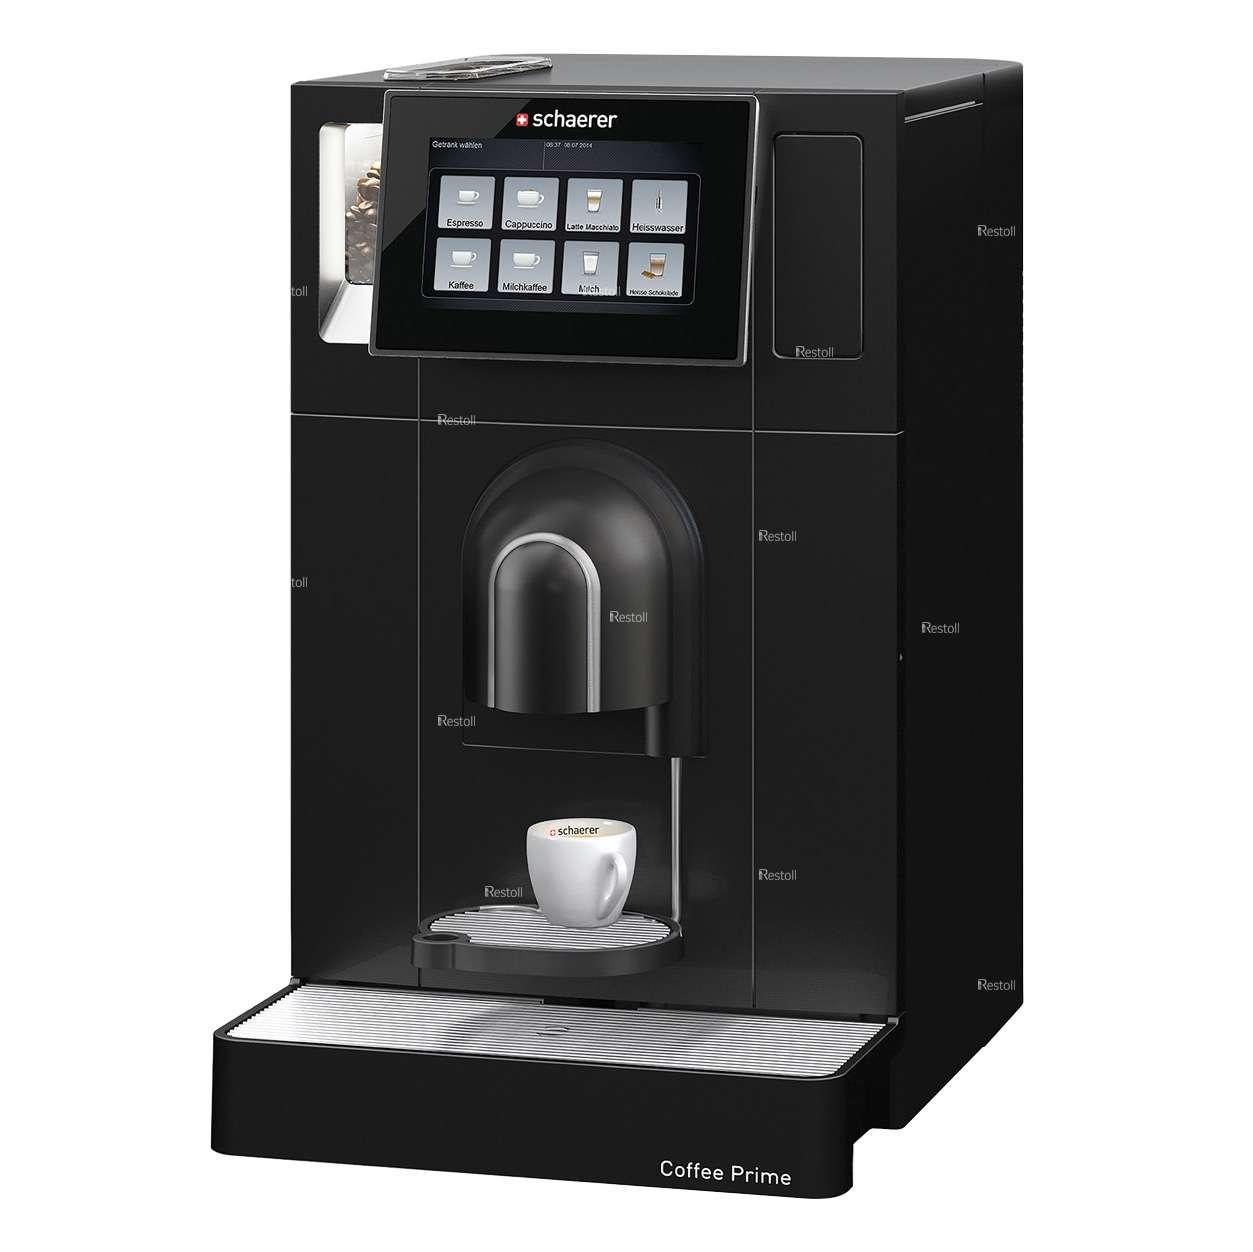 Кофемашина Schaerer Coffee Prime Powerpack